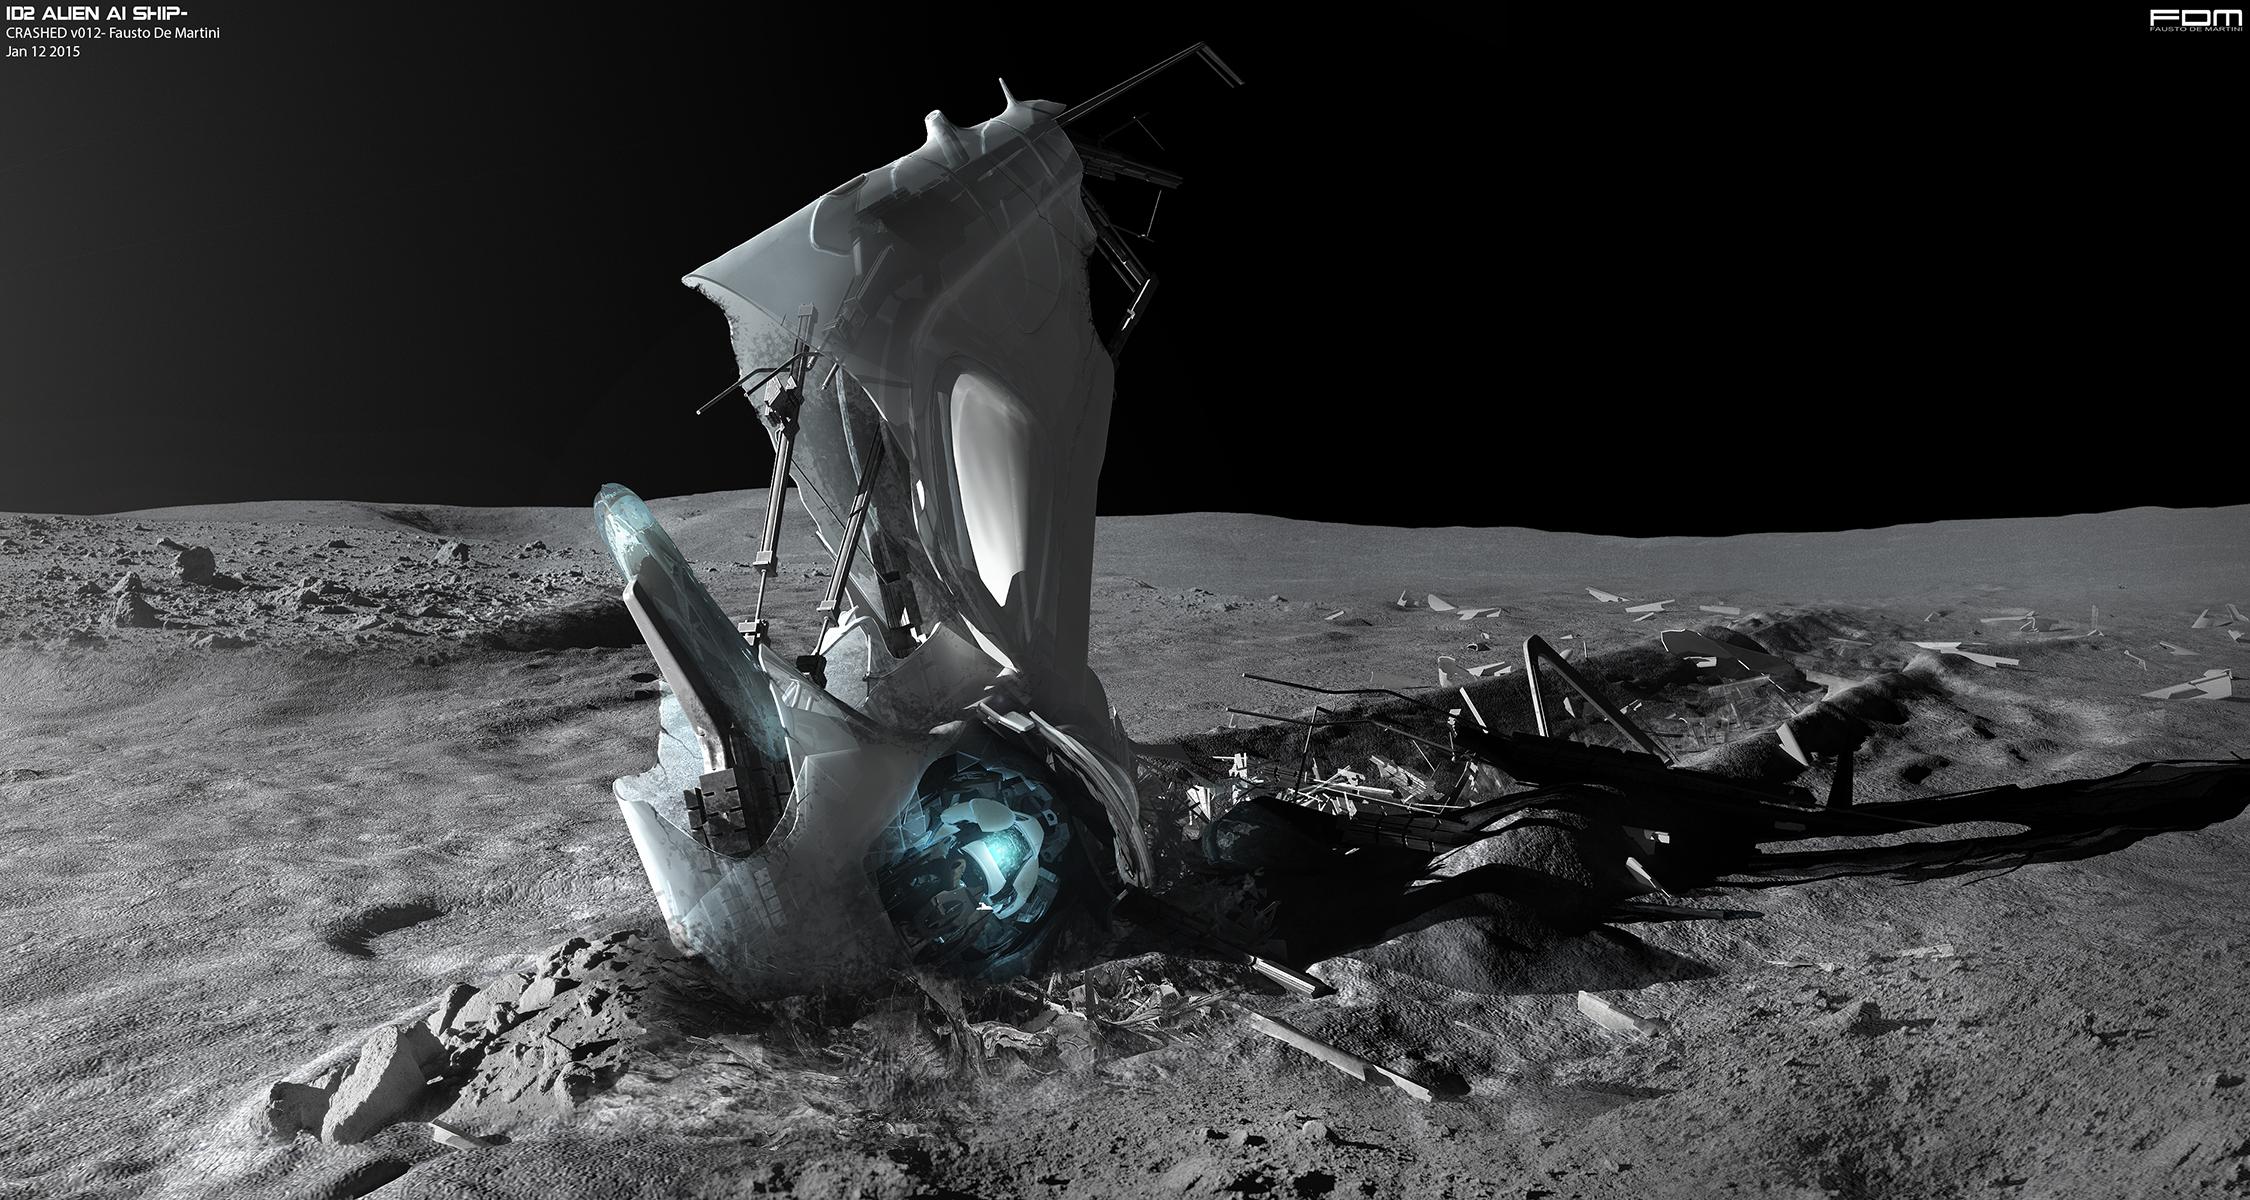 AlienShip_Crashed_v001_004.jpg